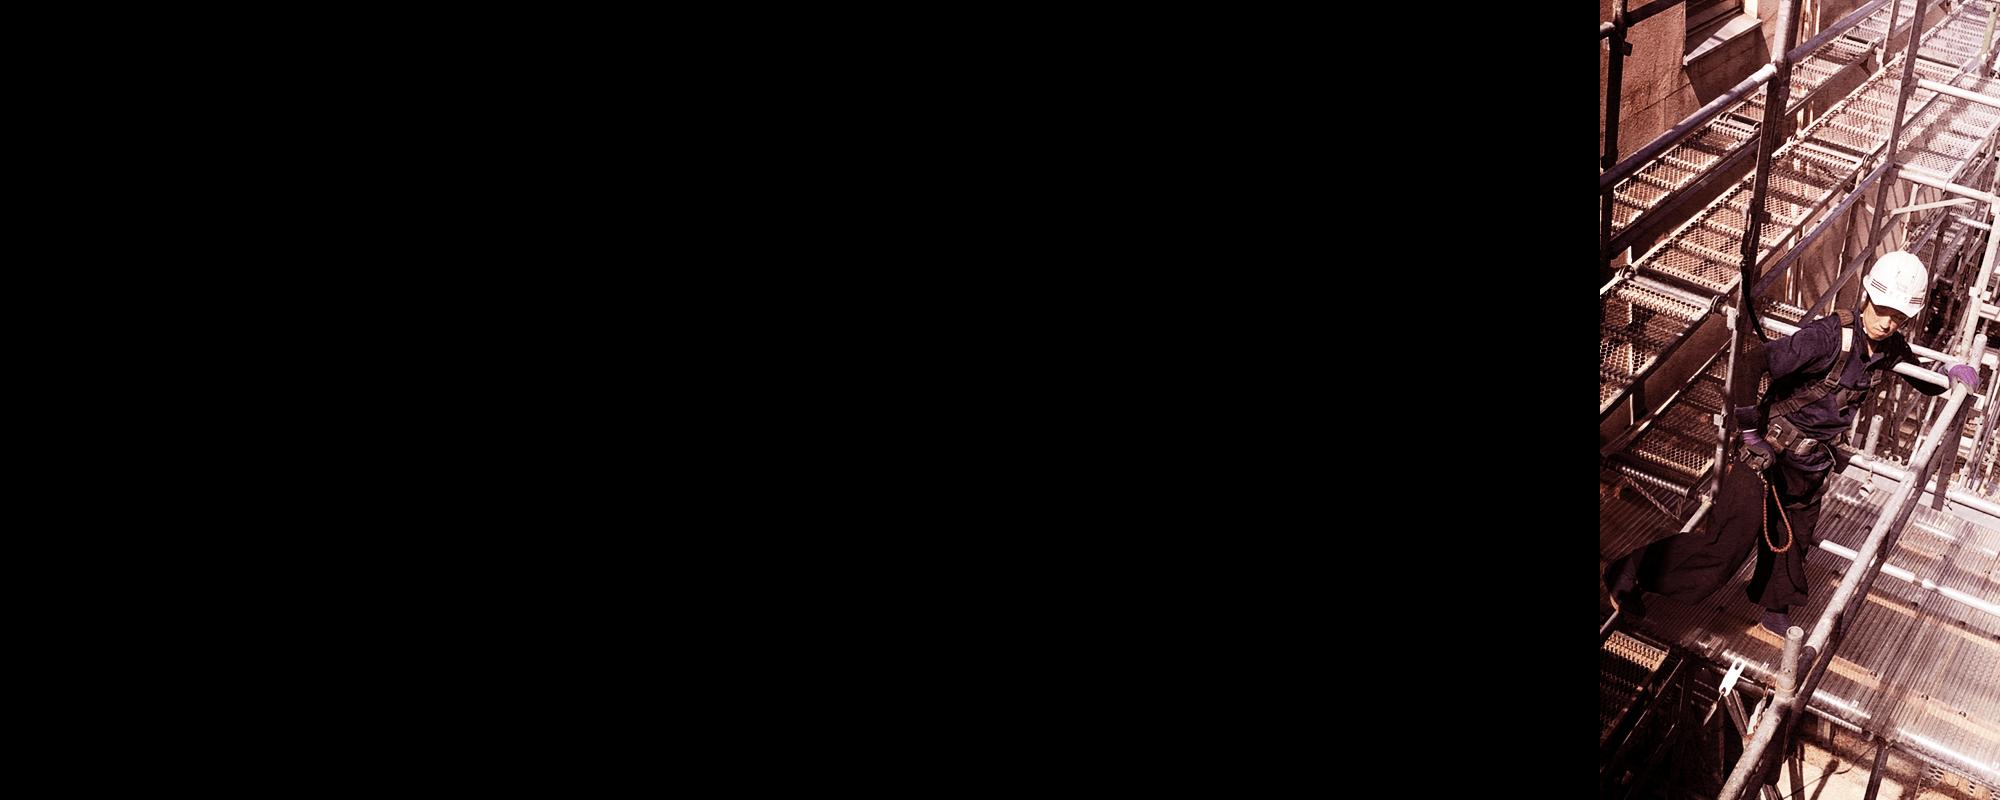 slide01-01